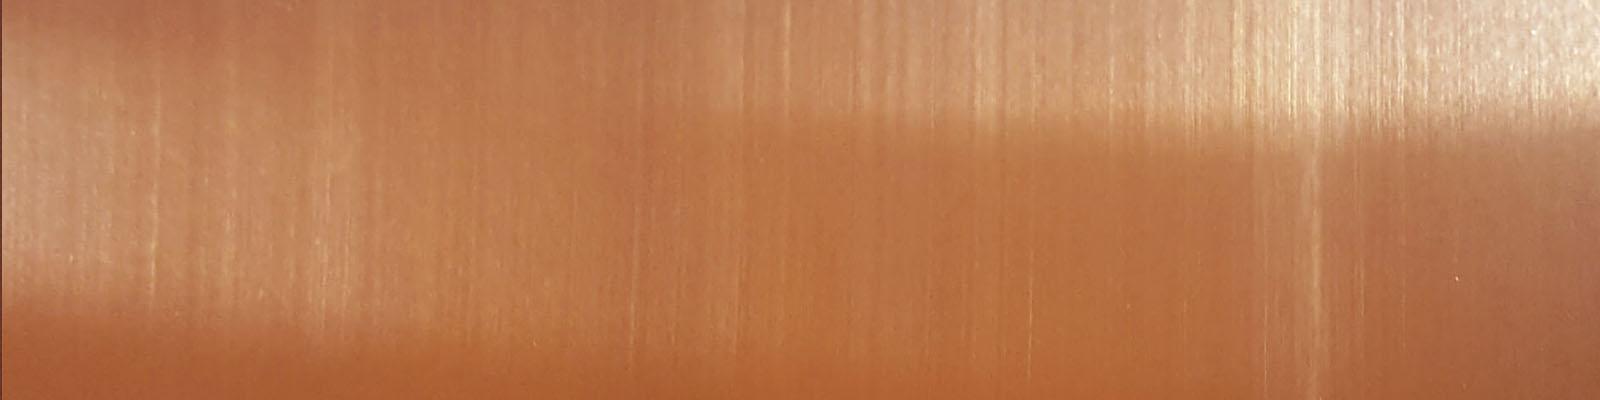 900 Copper Metal Gutter Metal